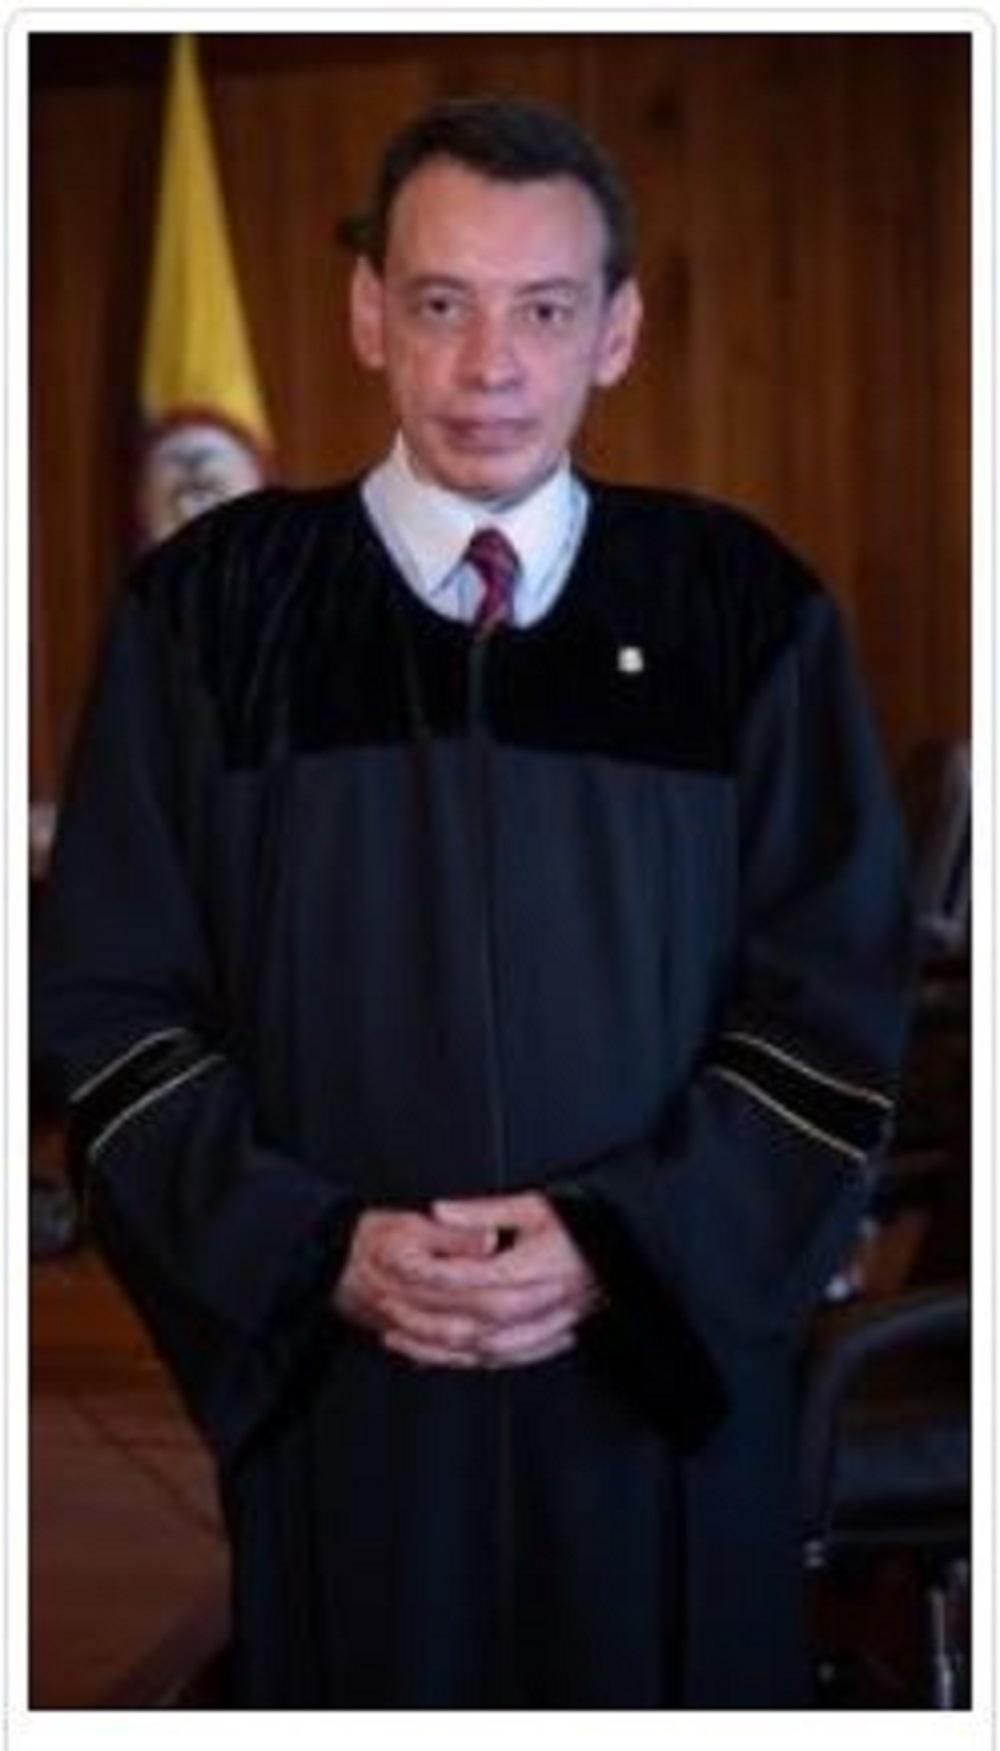 El magistrado Francisco Javier Farfán Molina es abogado especializado en Ciencias Penales y Criminológicas y en Derechos Fundamentales. Ha publicado 12 libros y 20 artículos en revistas especializadas sobre temas de derechos fundamentales, derecho procesal penal y actos de investigación.